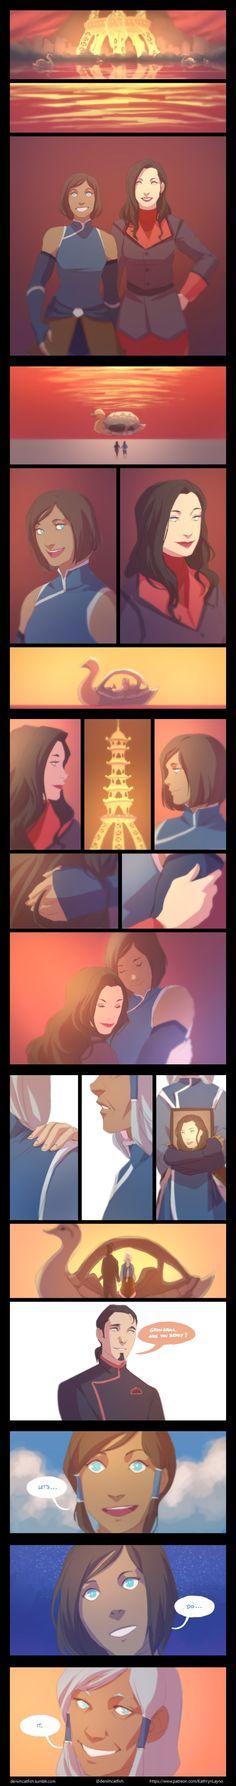 I didn't need my heart anyway :'(   KorrAsami / Korra & Asami Sato   Avatar the legend of korra lok   Canon Couple